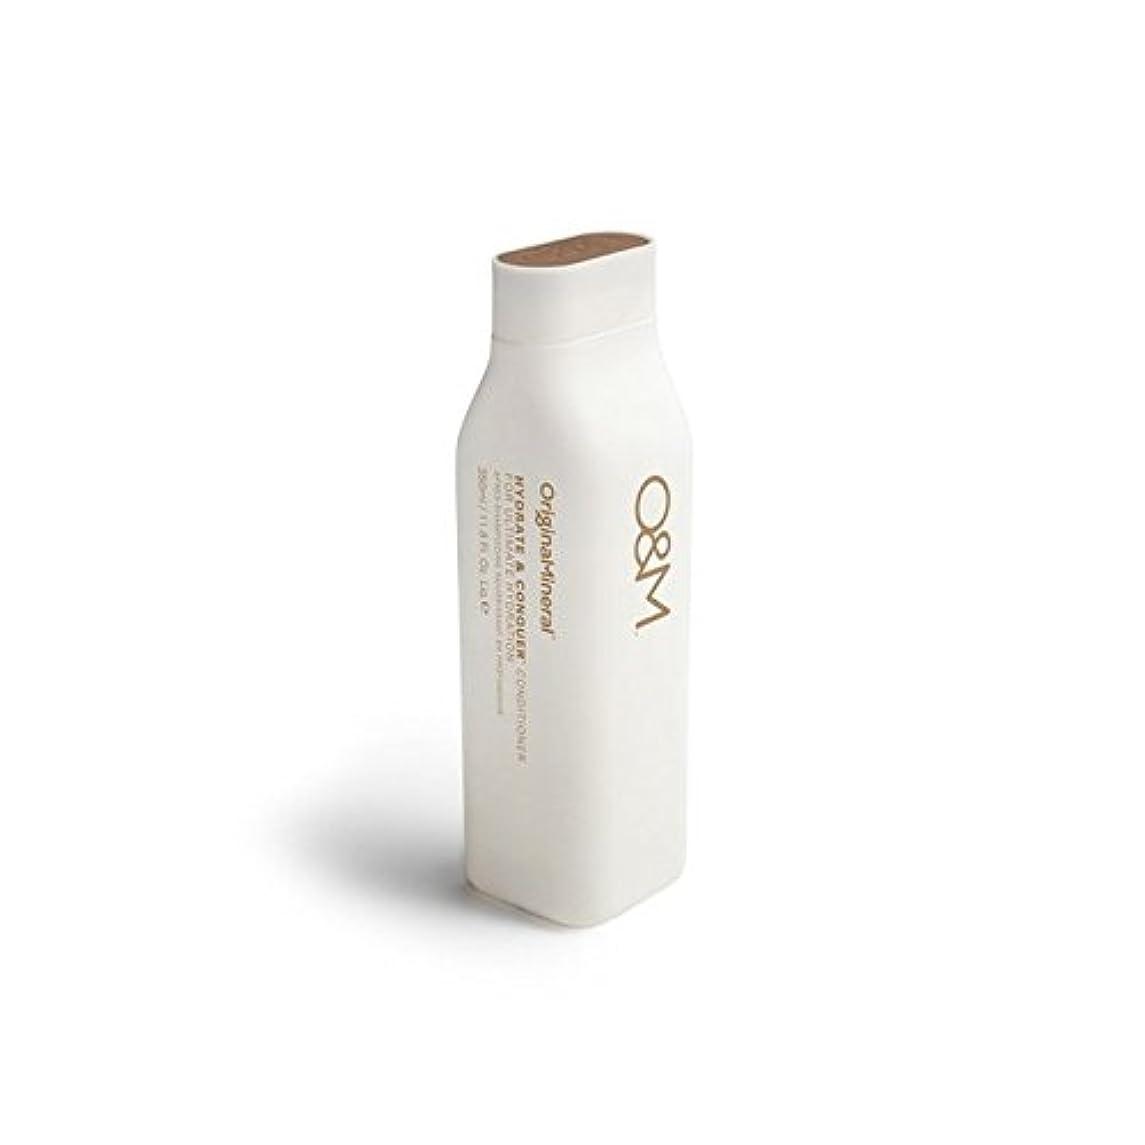 バングラデシュきれいに印象的Original & Mineral Hydrate And Conquer Conditioner (350ml) - オリジナル&ミネラル水和物及びコンディショナー(350ミリリットル)を征服 [並行輸入品]